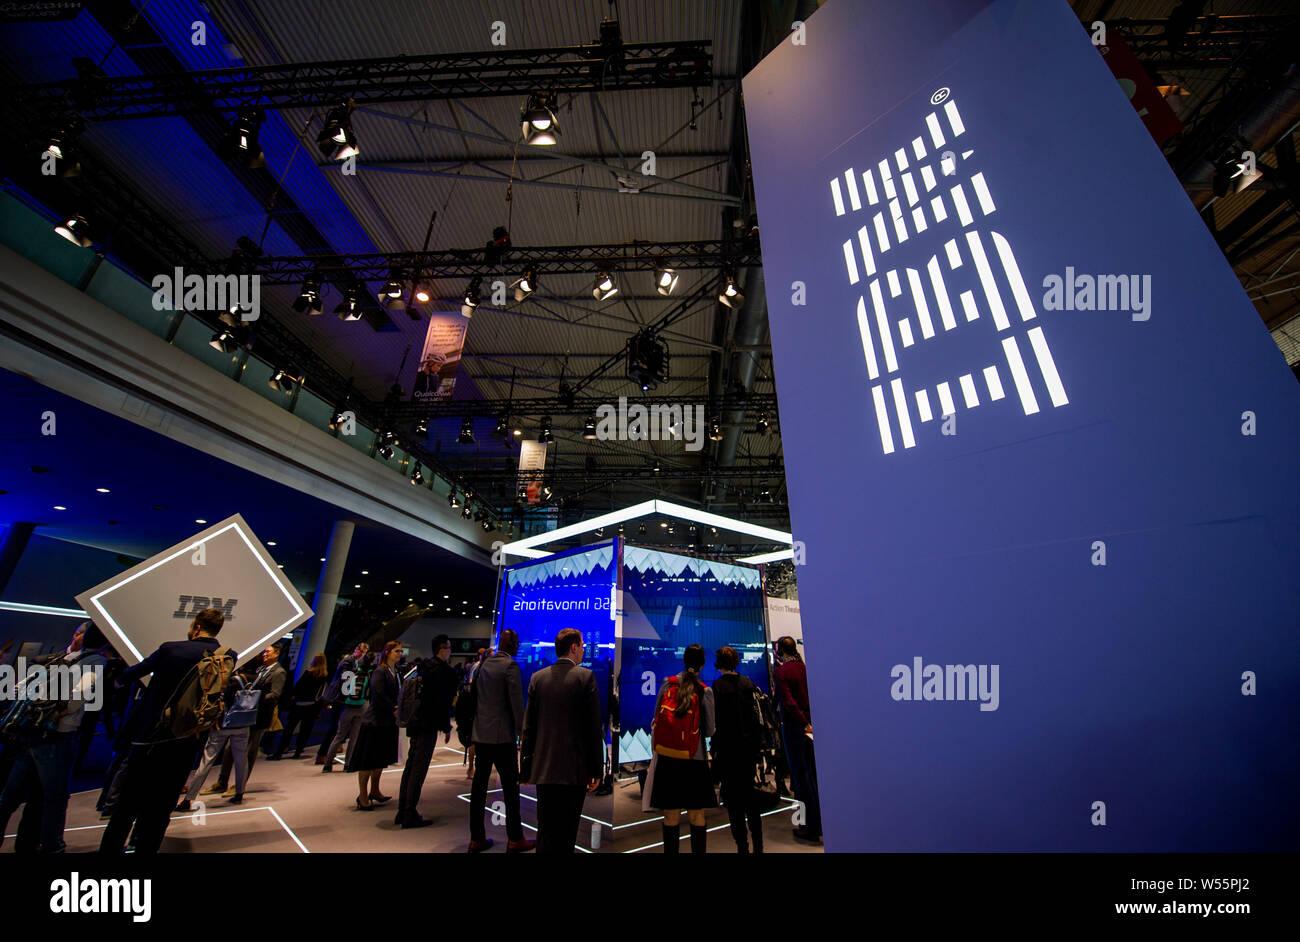 Personnes visitent le stand d'IBM lors du Mobile World Congress 2019 (MWC19) à Barcelone, Espagne, 25 février 2019. Banque D'Images